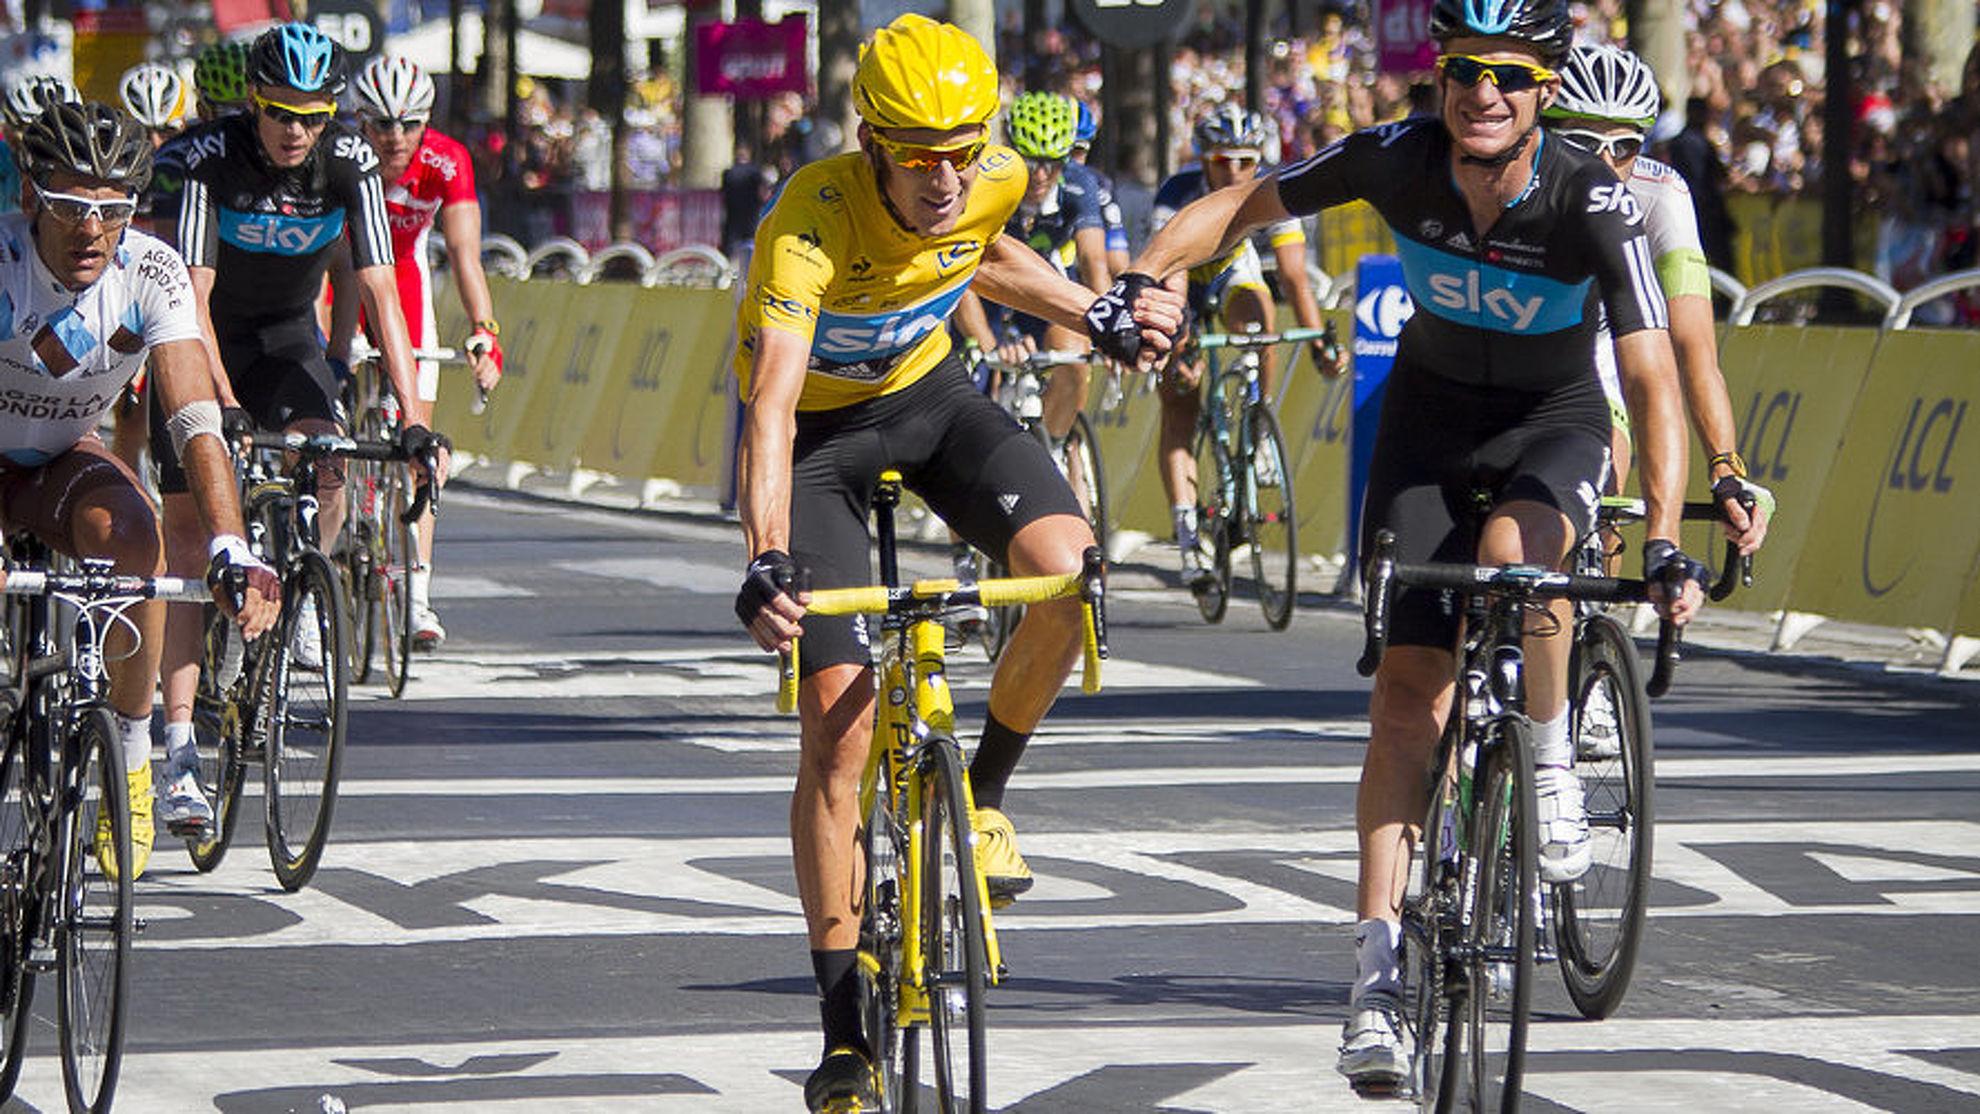 Explore The Tour de France